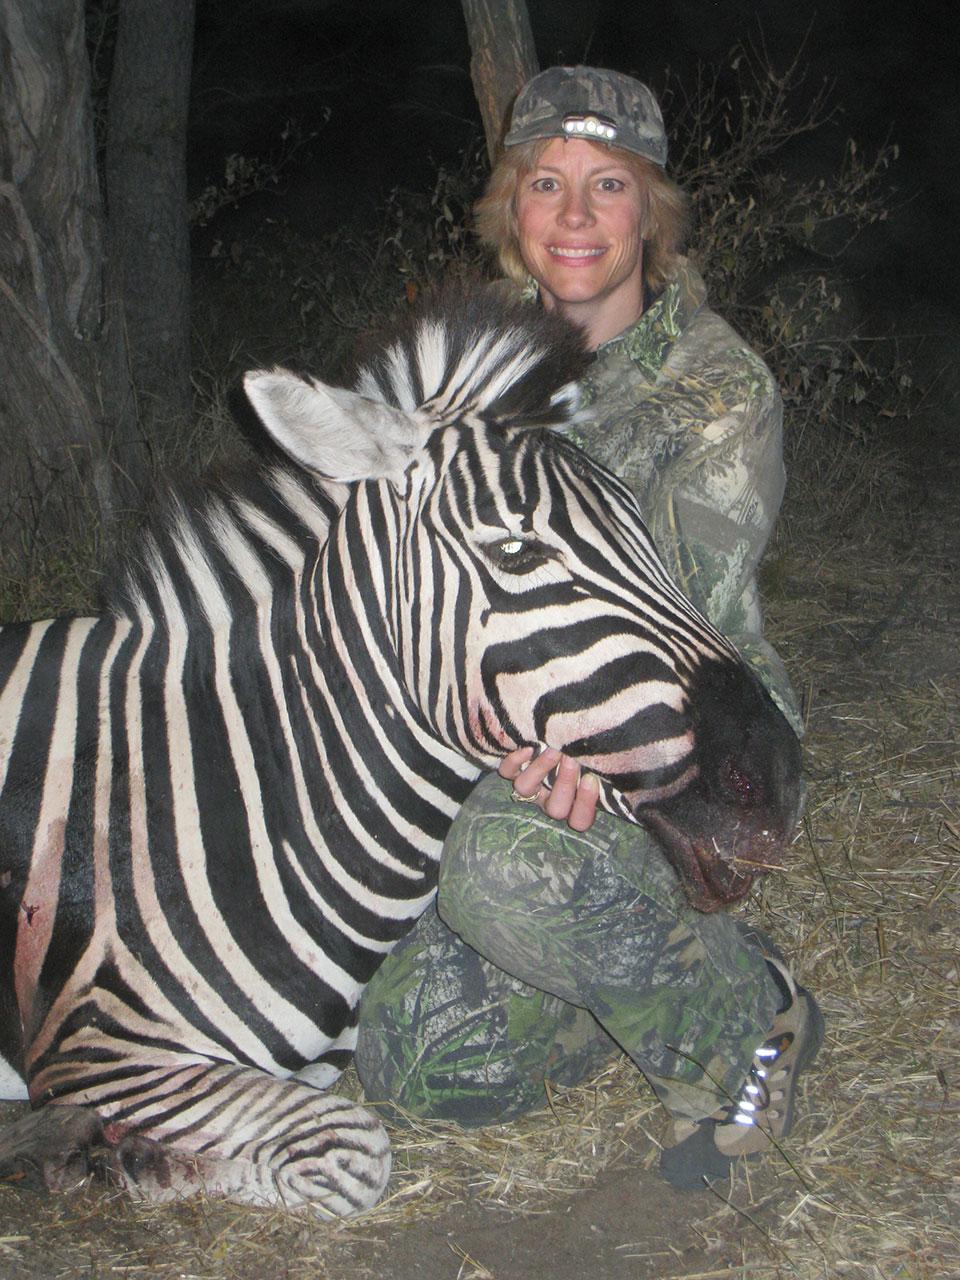 bowhunting-zebra-in-africa.jpg